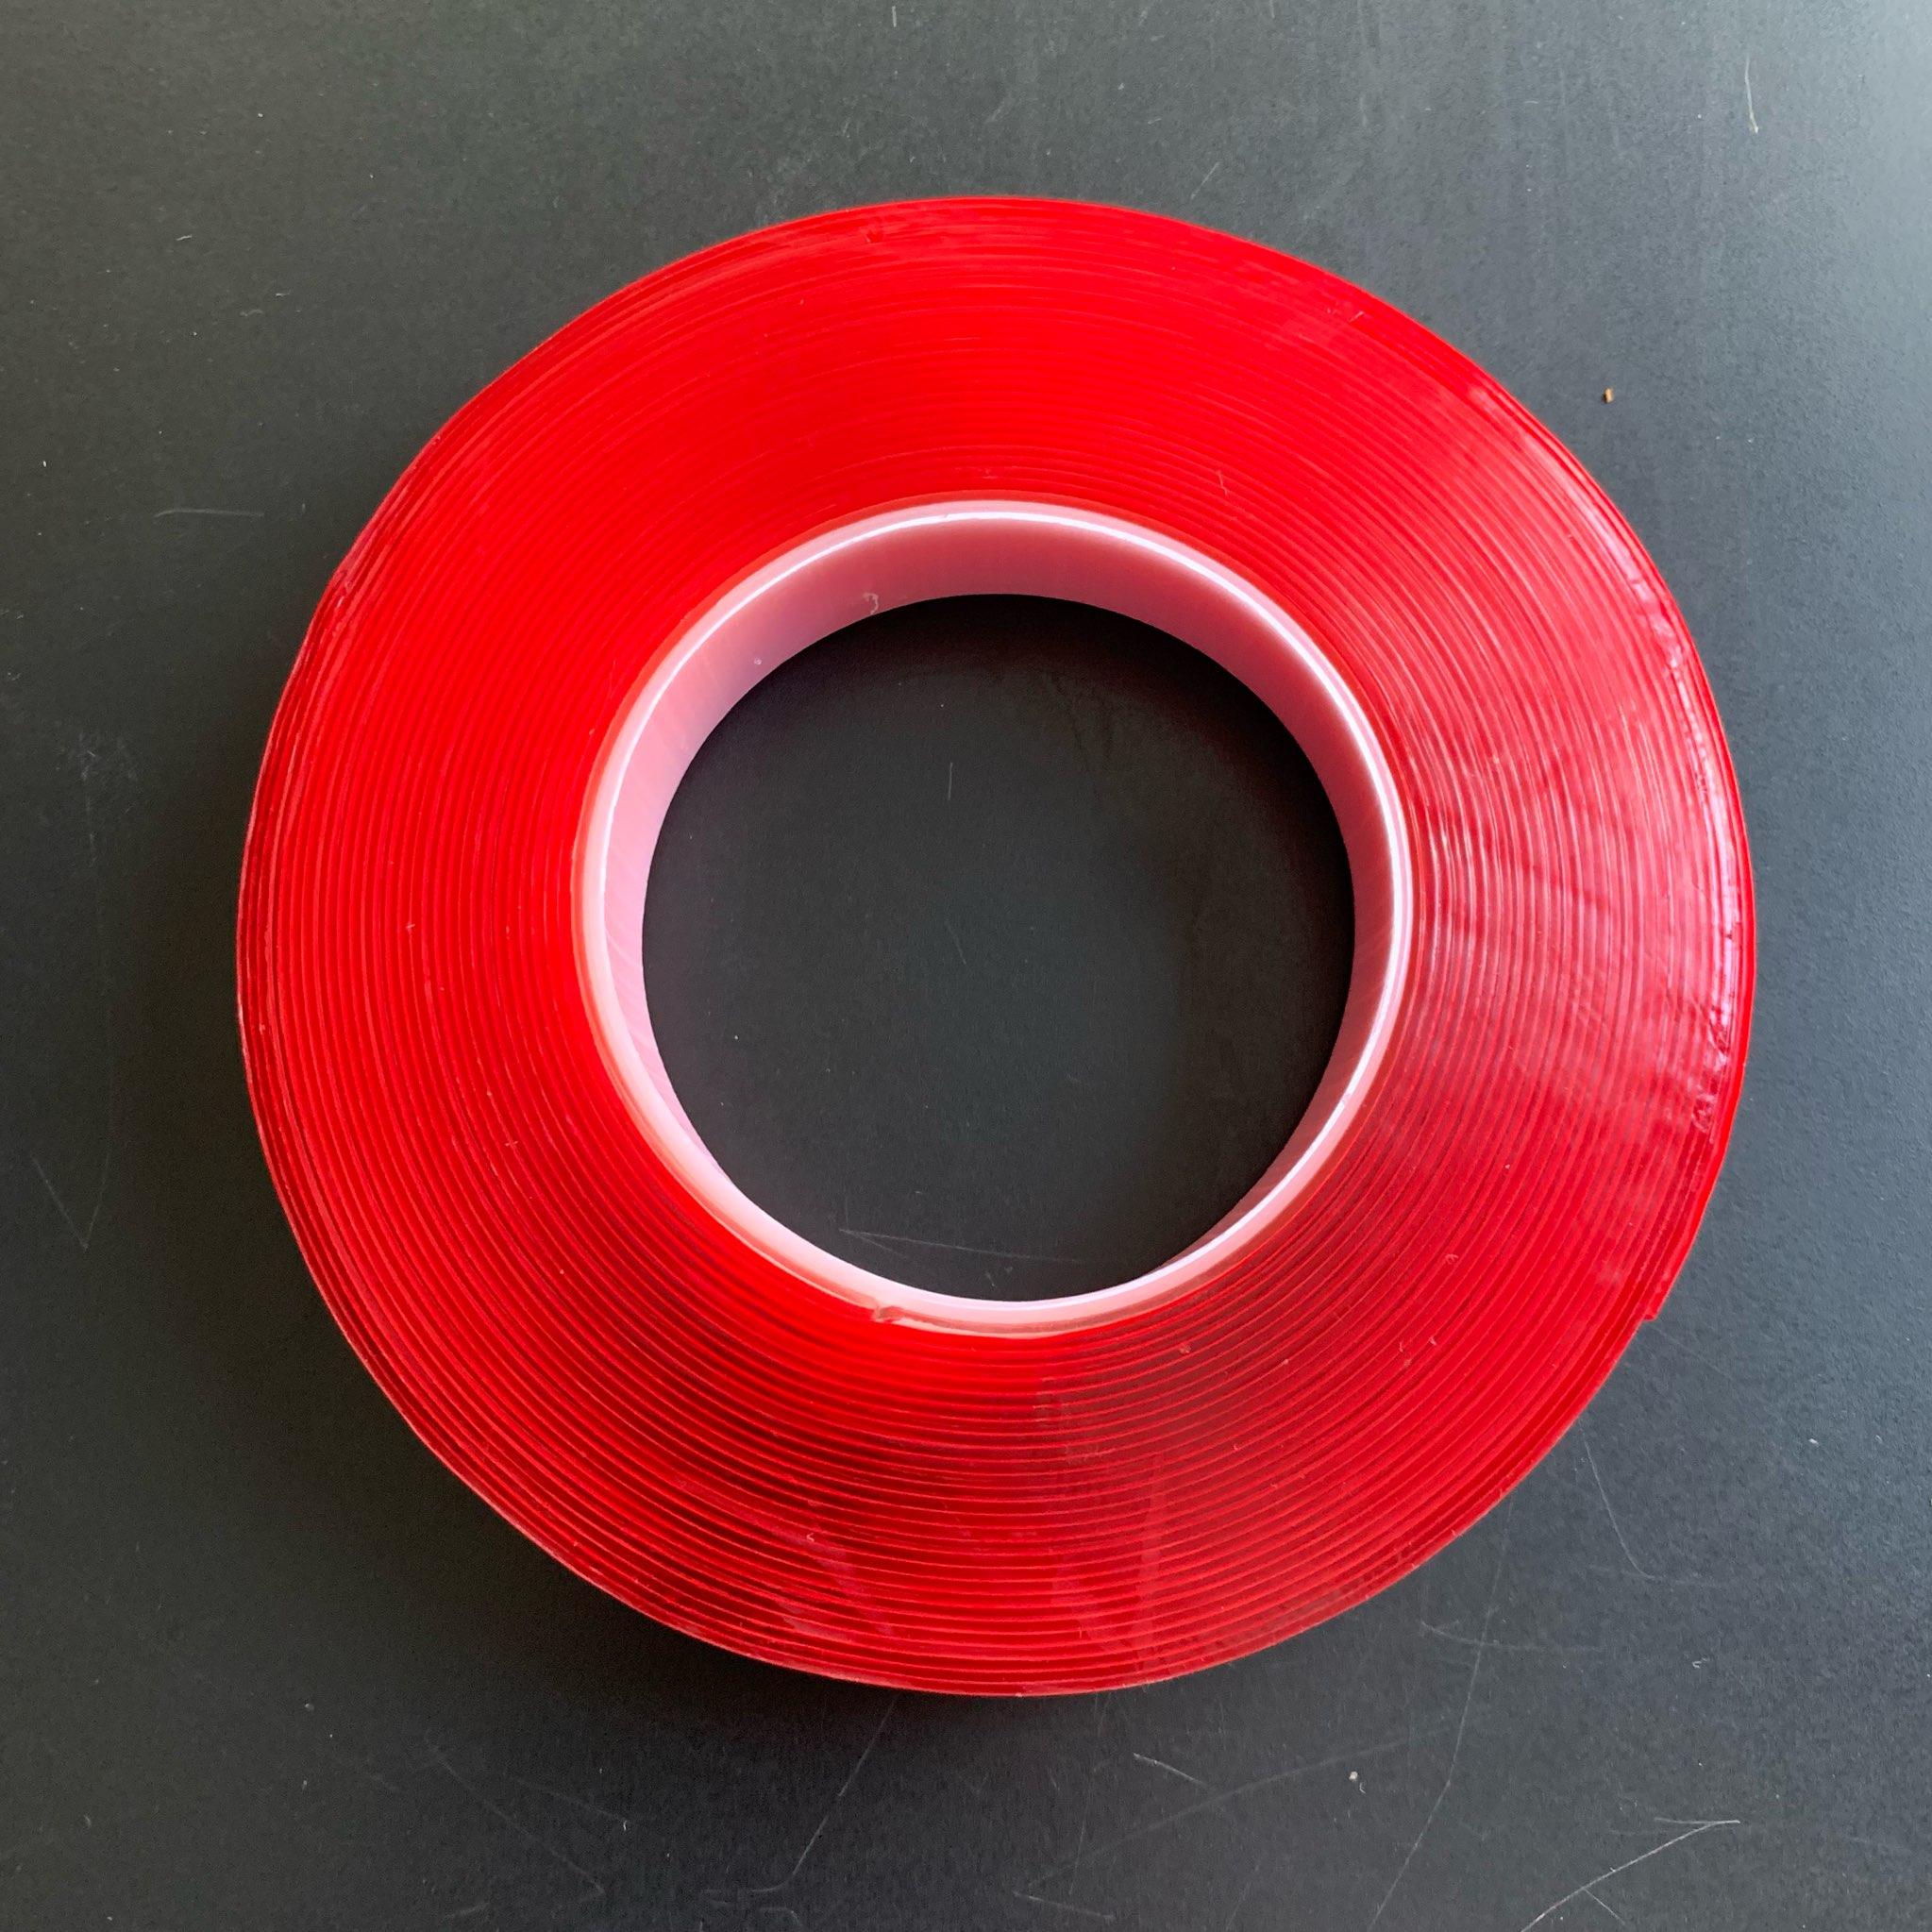 Cuộn Băng keo cường lực 2 mặt siêu dính, bản rộng 2cm, chiều dài 10m, độ dày 0.8mm   TGCN-42646 JCVTECH